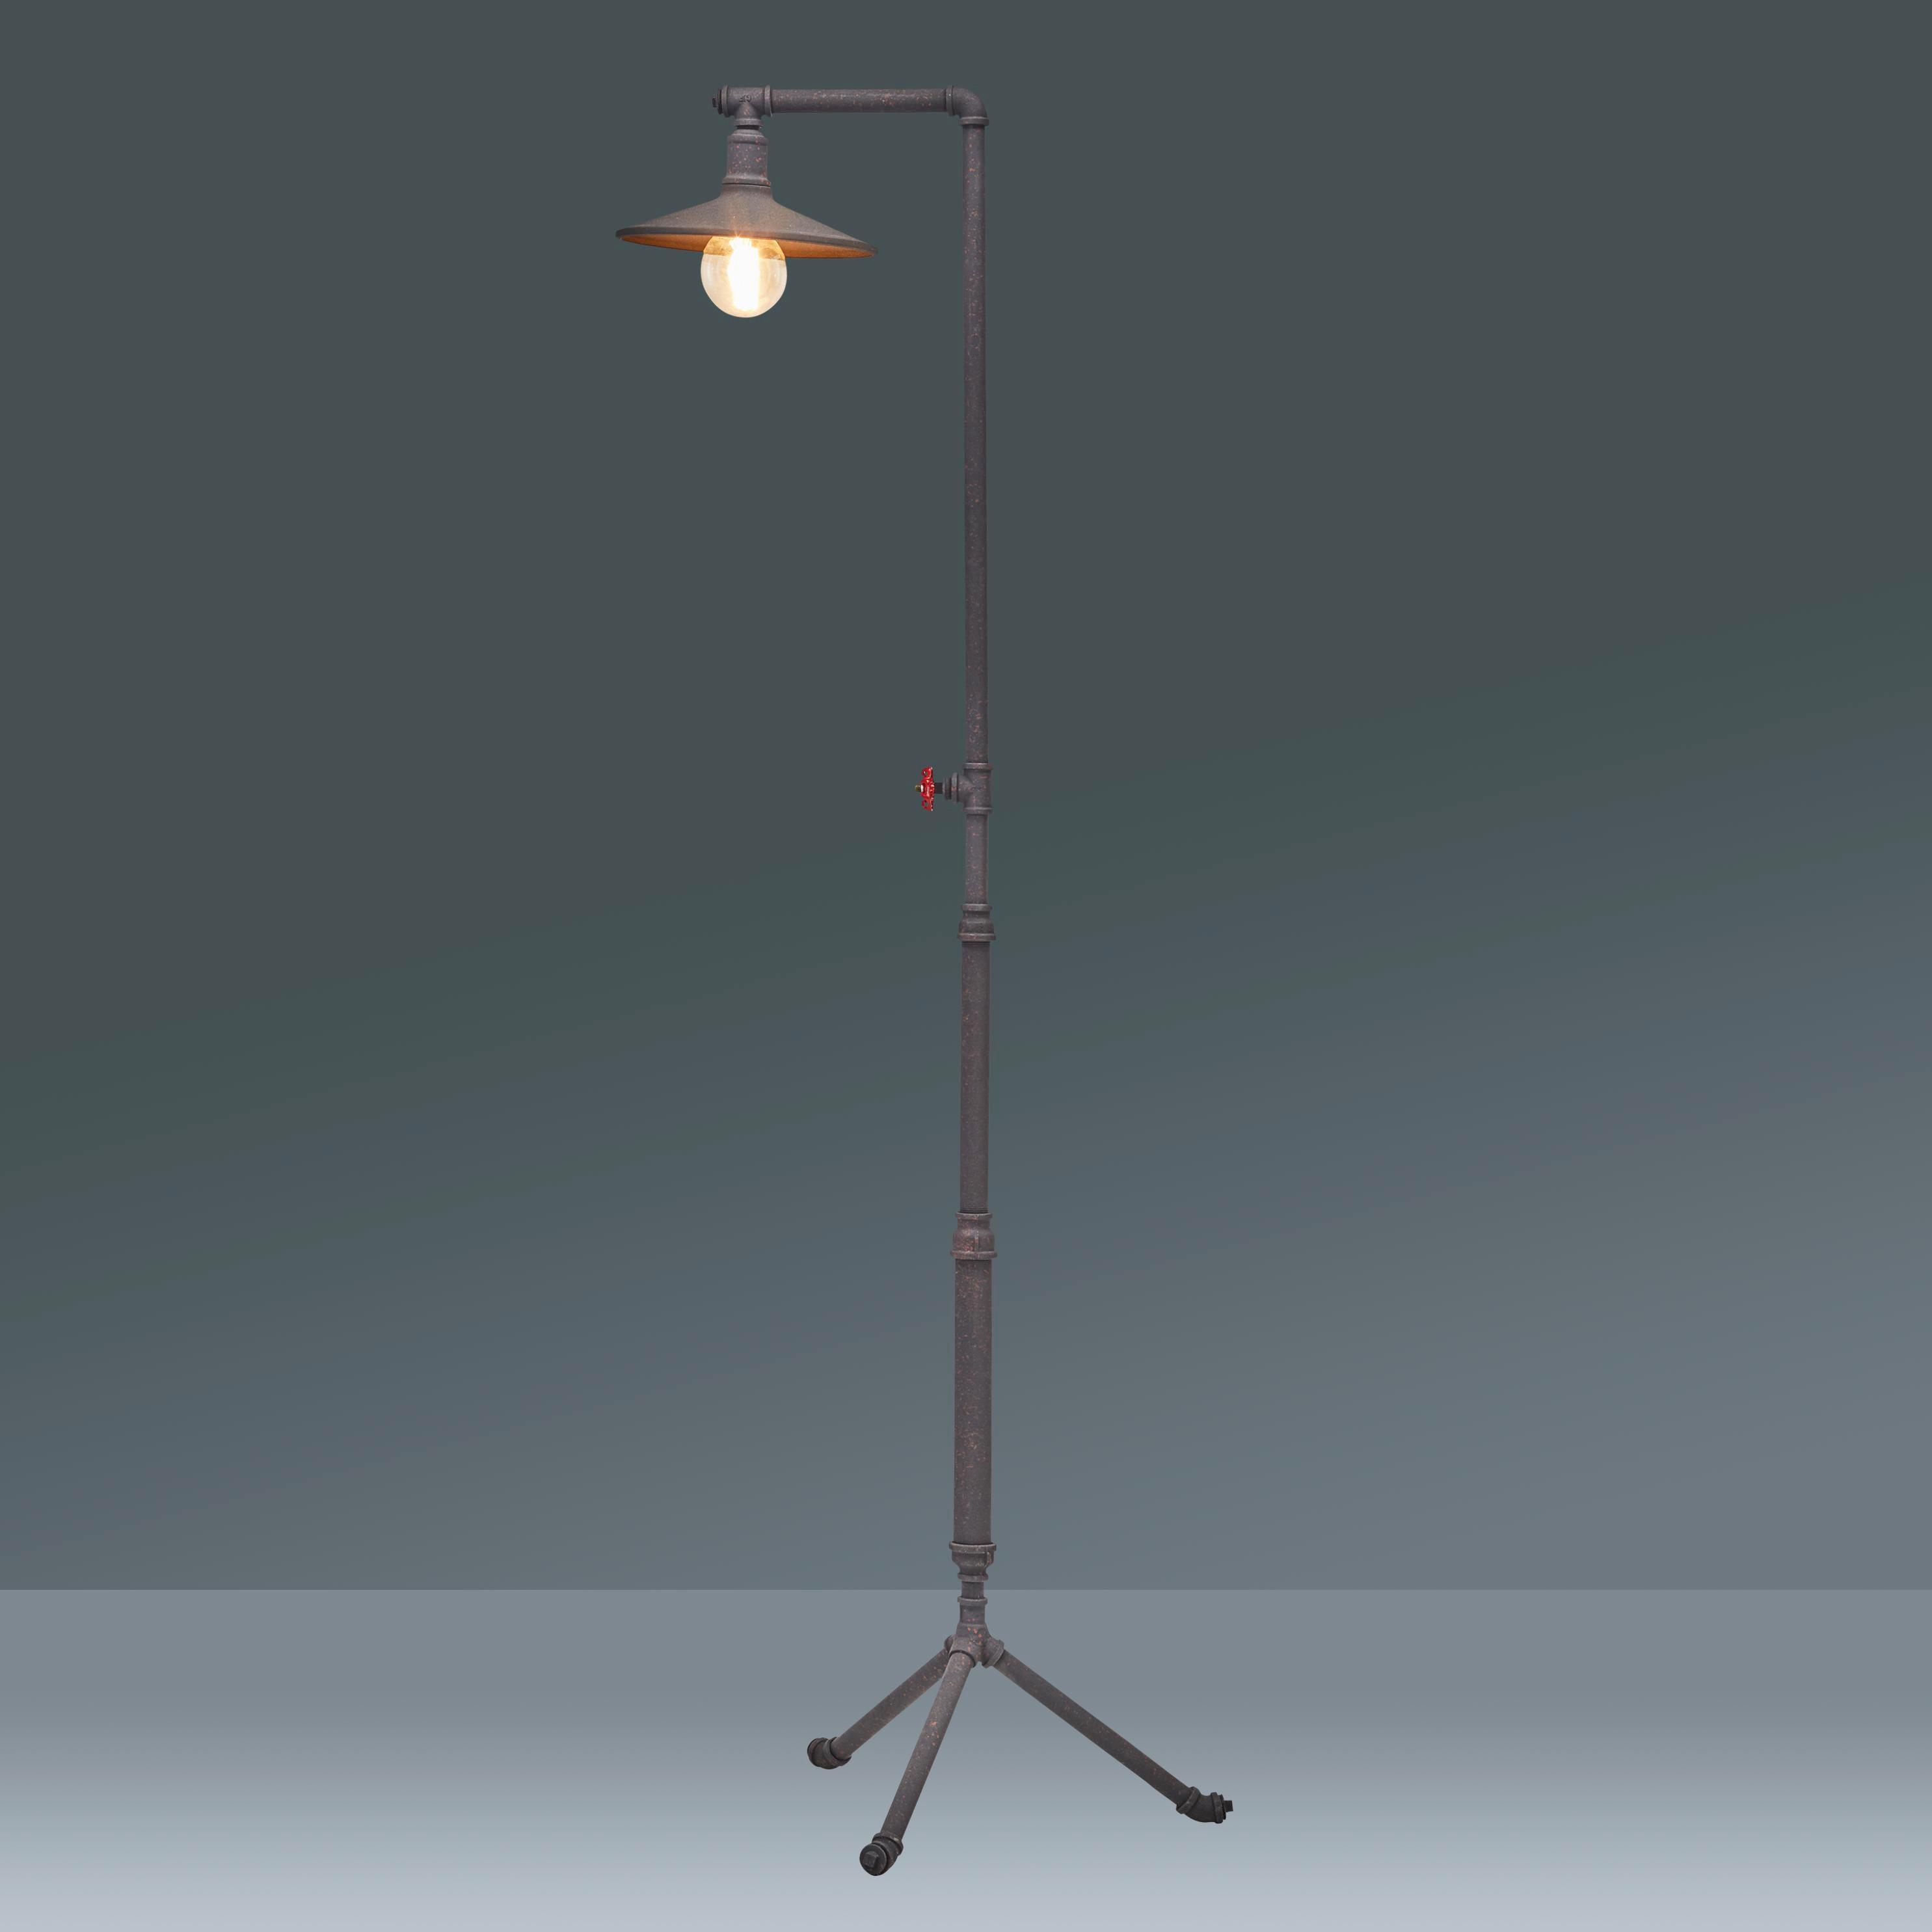 Stehleuchte Raul, max. 40 Watt - Schwarz, LIFESTYLE, Metall (55/178cm) - MÖMAX modern living